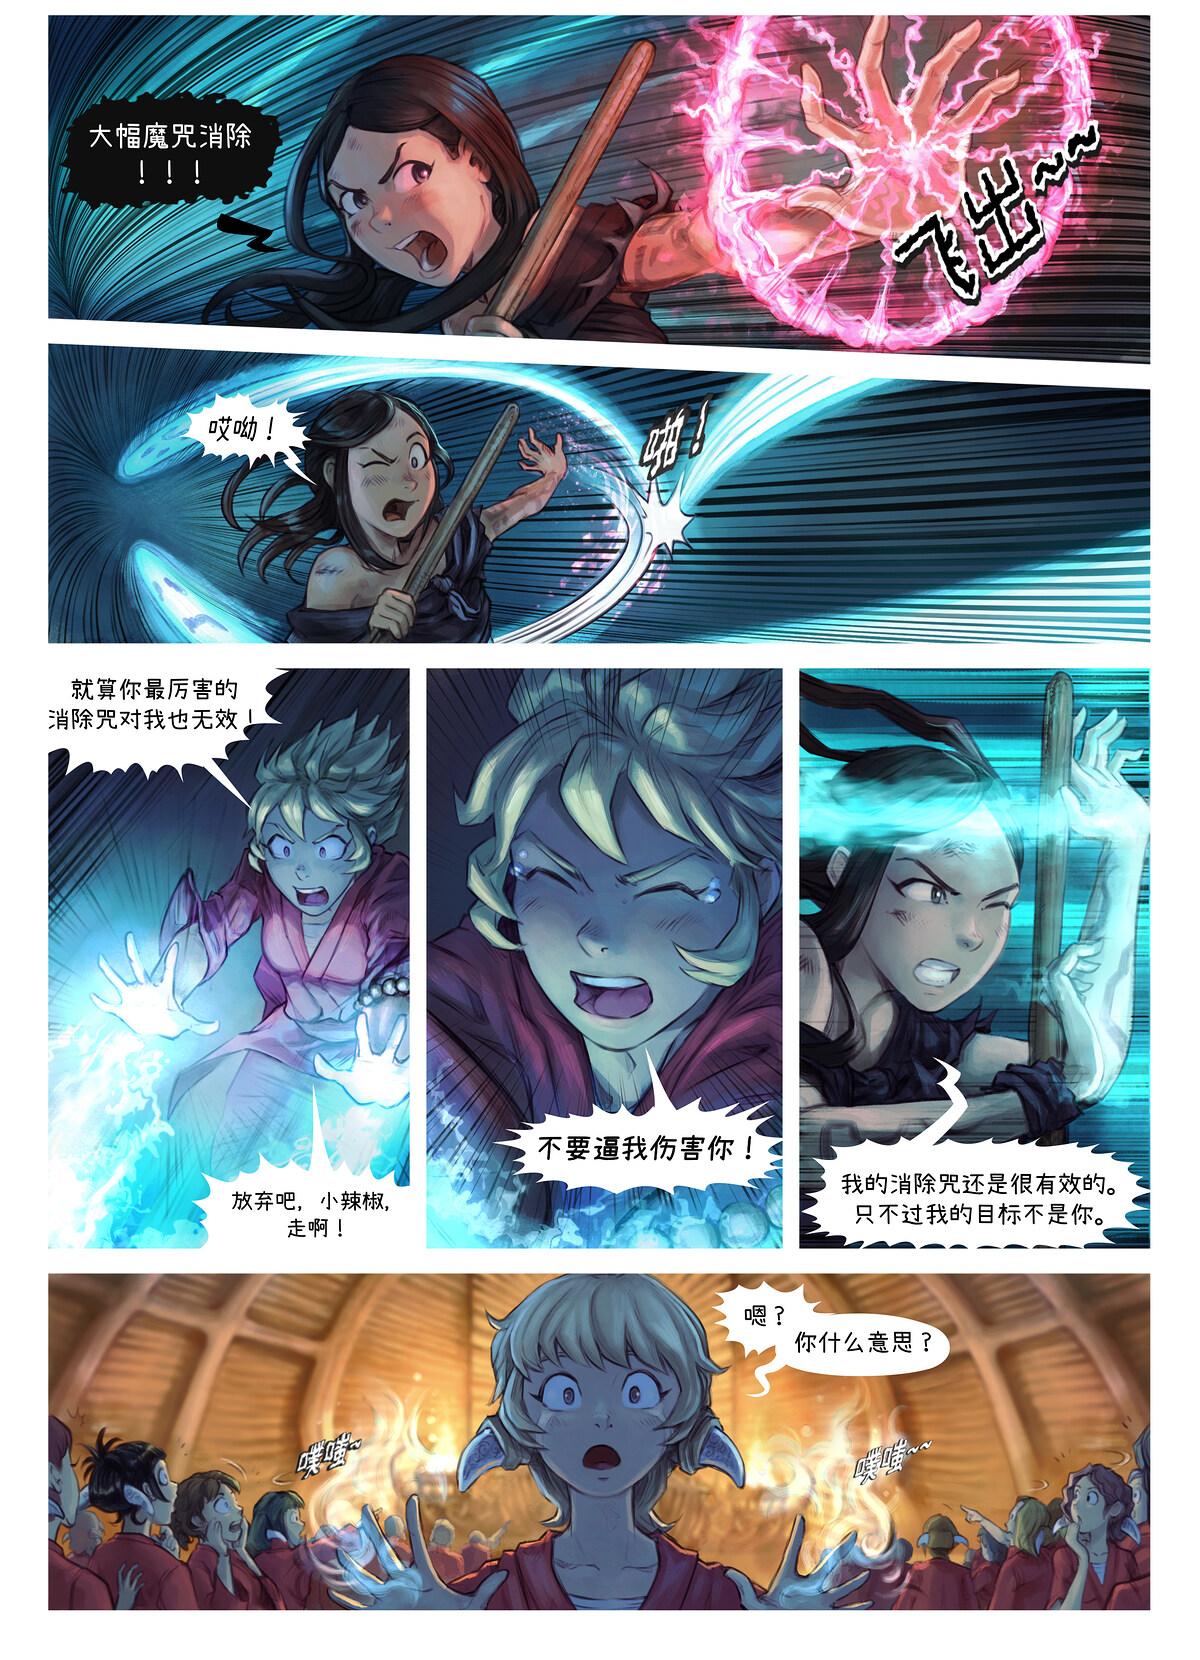 第34集:七味粉的册封仪式, Page 7